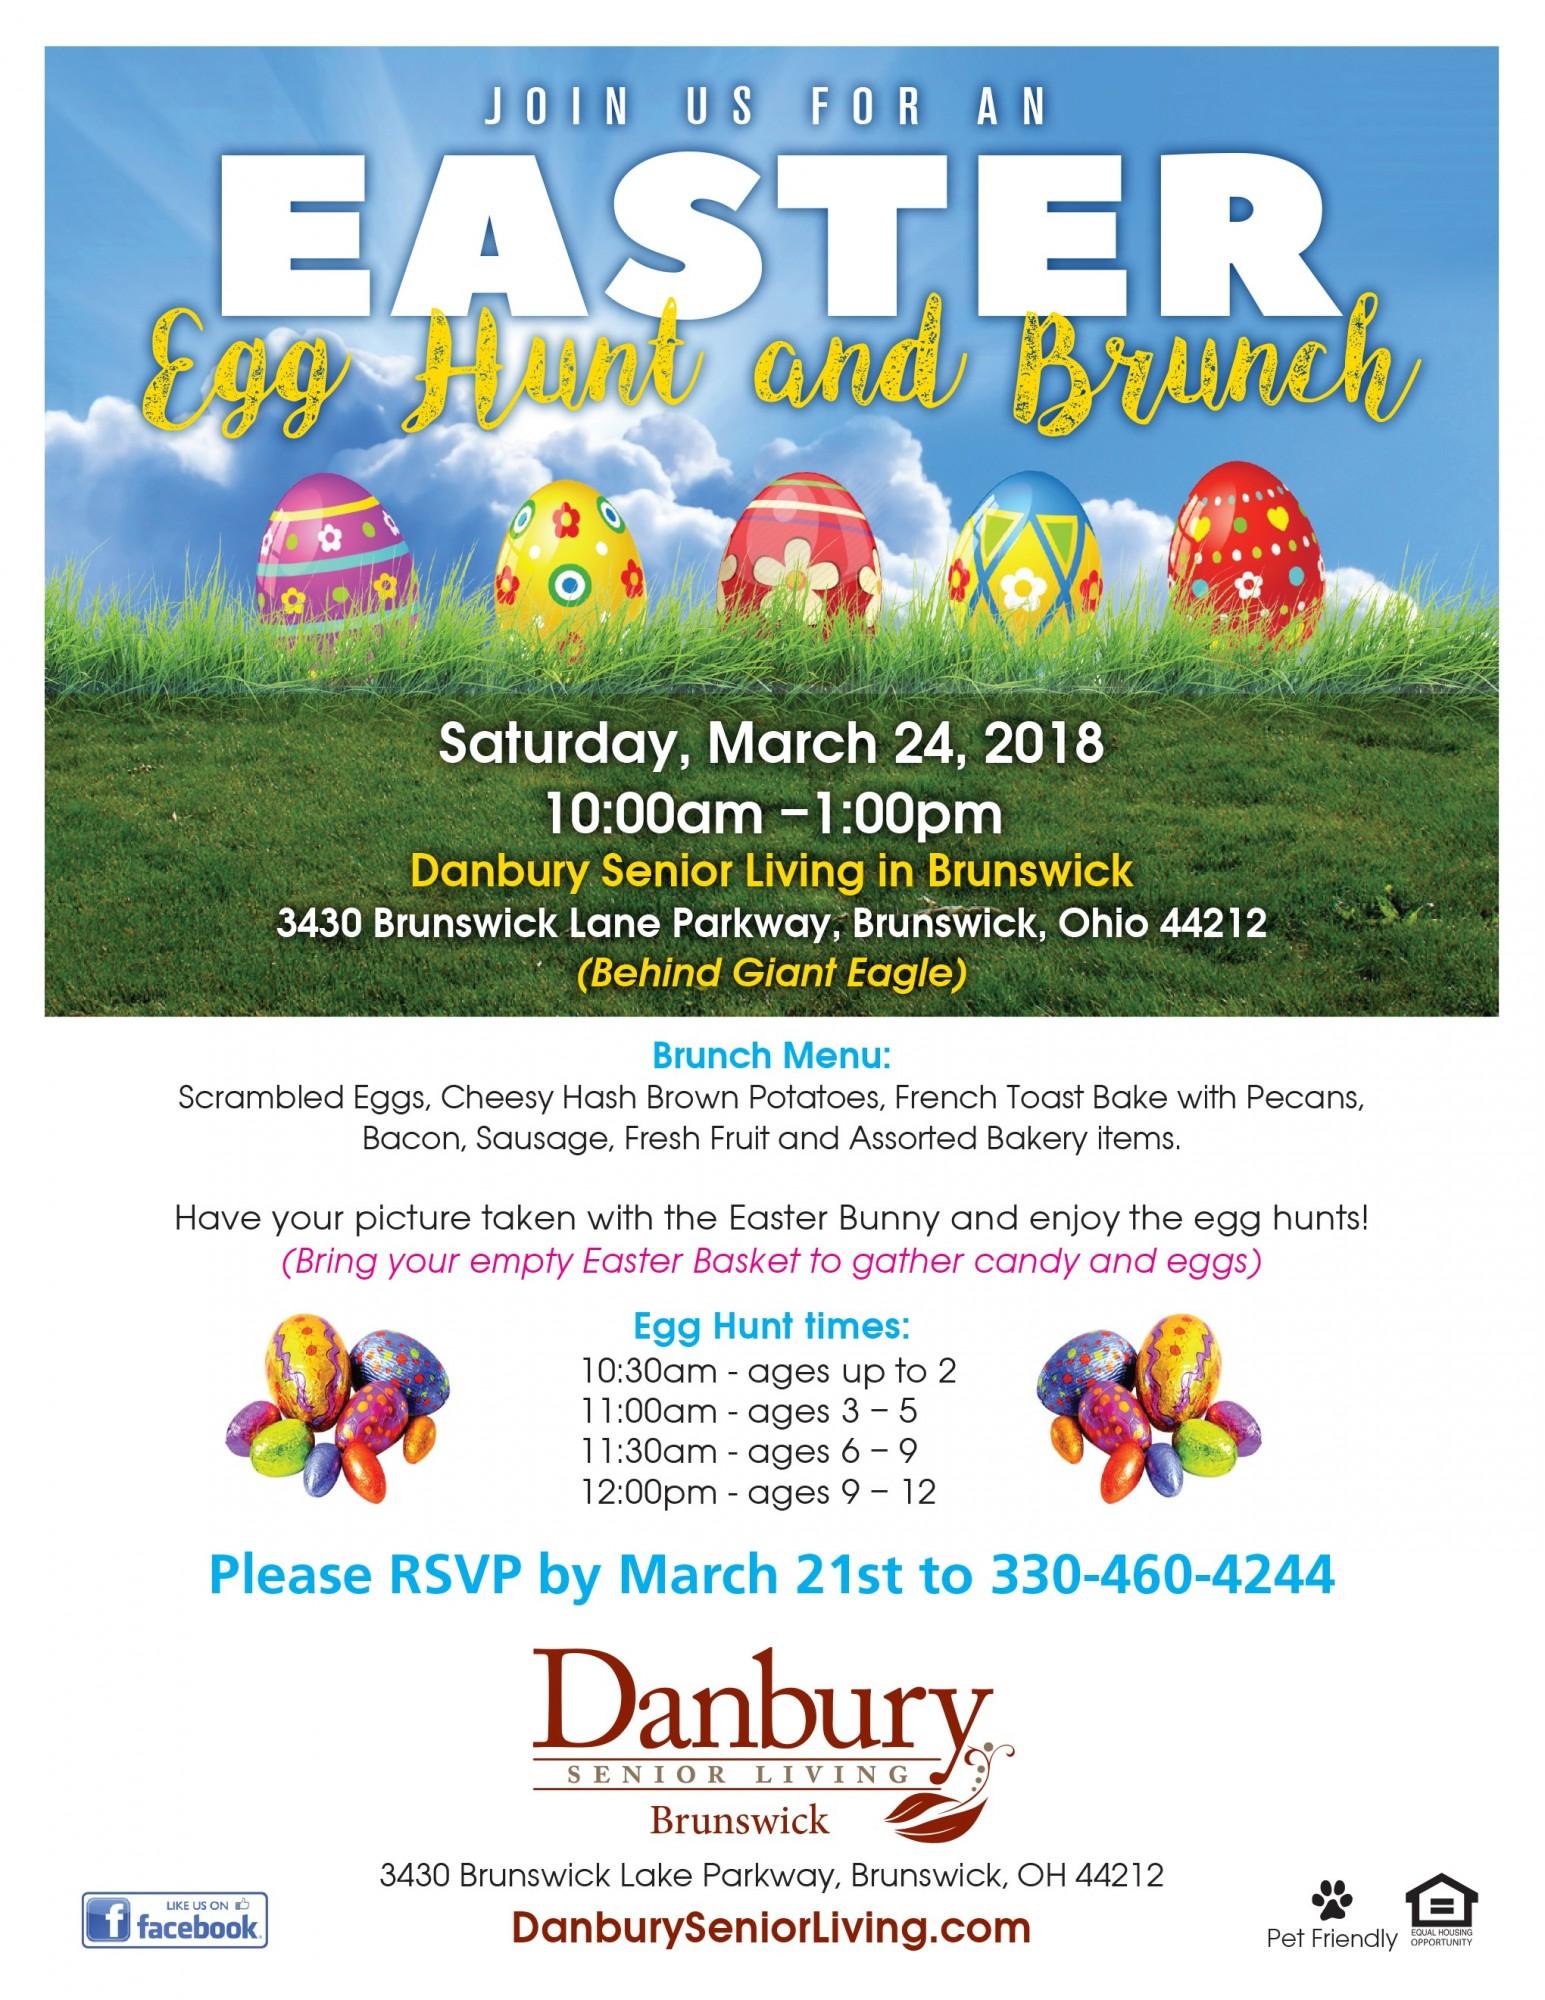 Easter Egg Hunt And Brunch